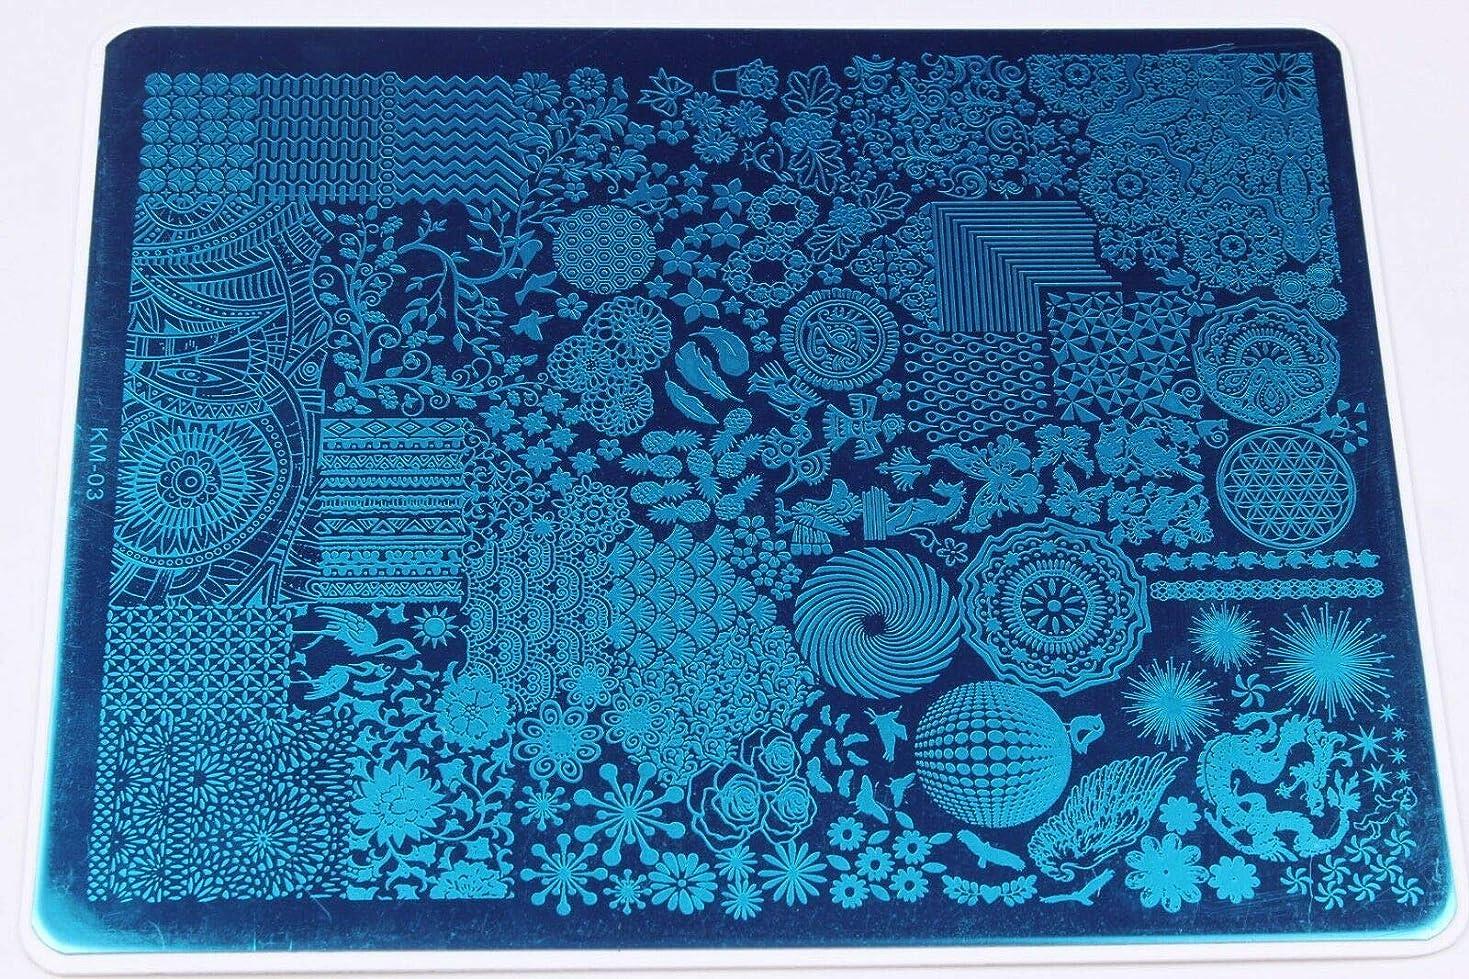 札入れリードあえてFidgetGear ネイル画像ネイルスタンピングプレートマニキュアネイルアートの装飾スタンピングプレート KM 03